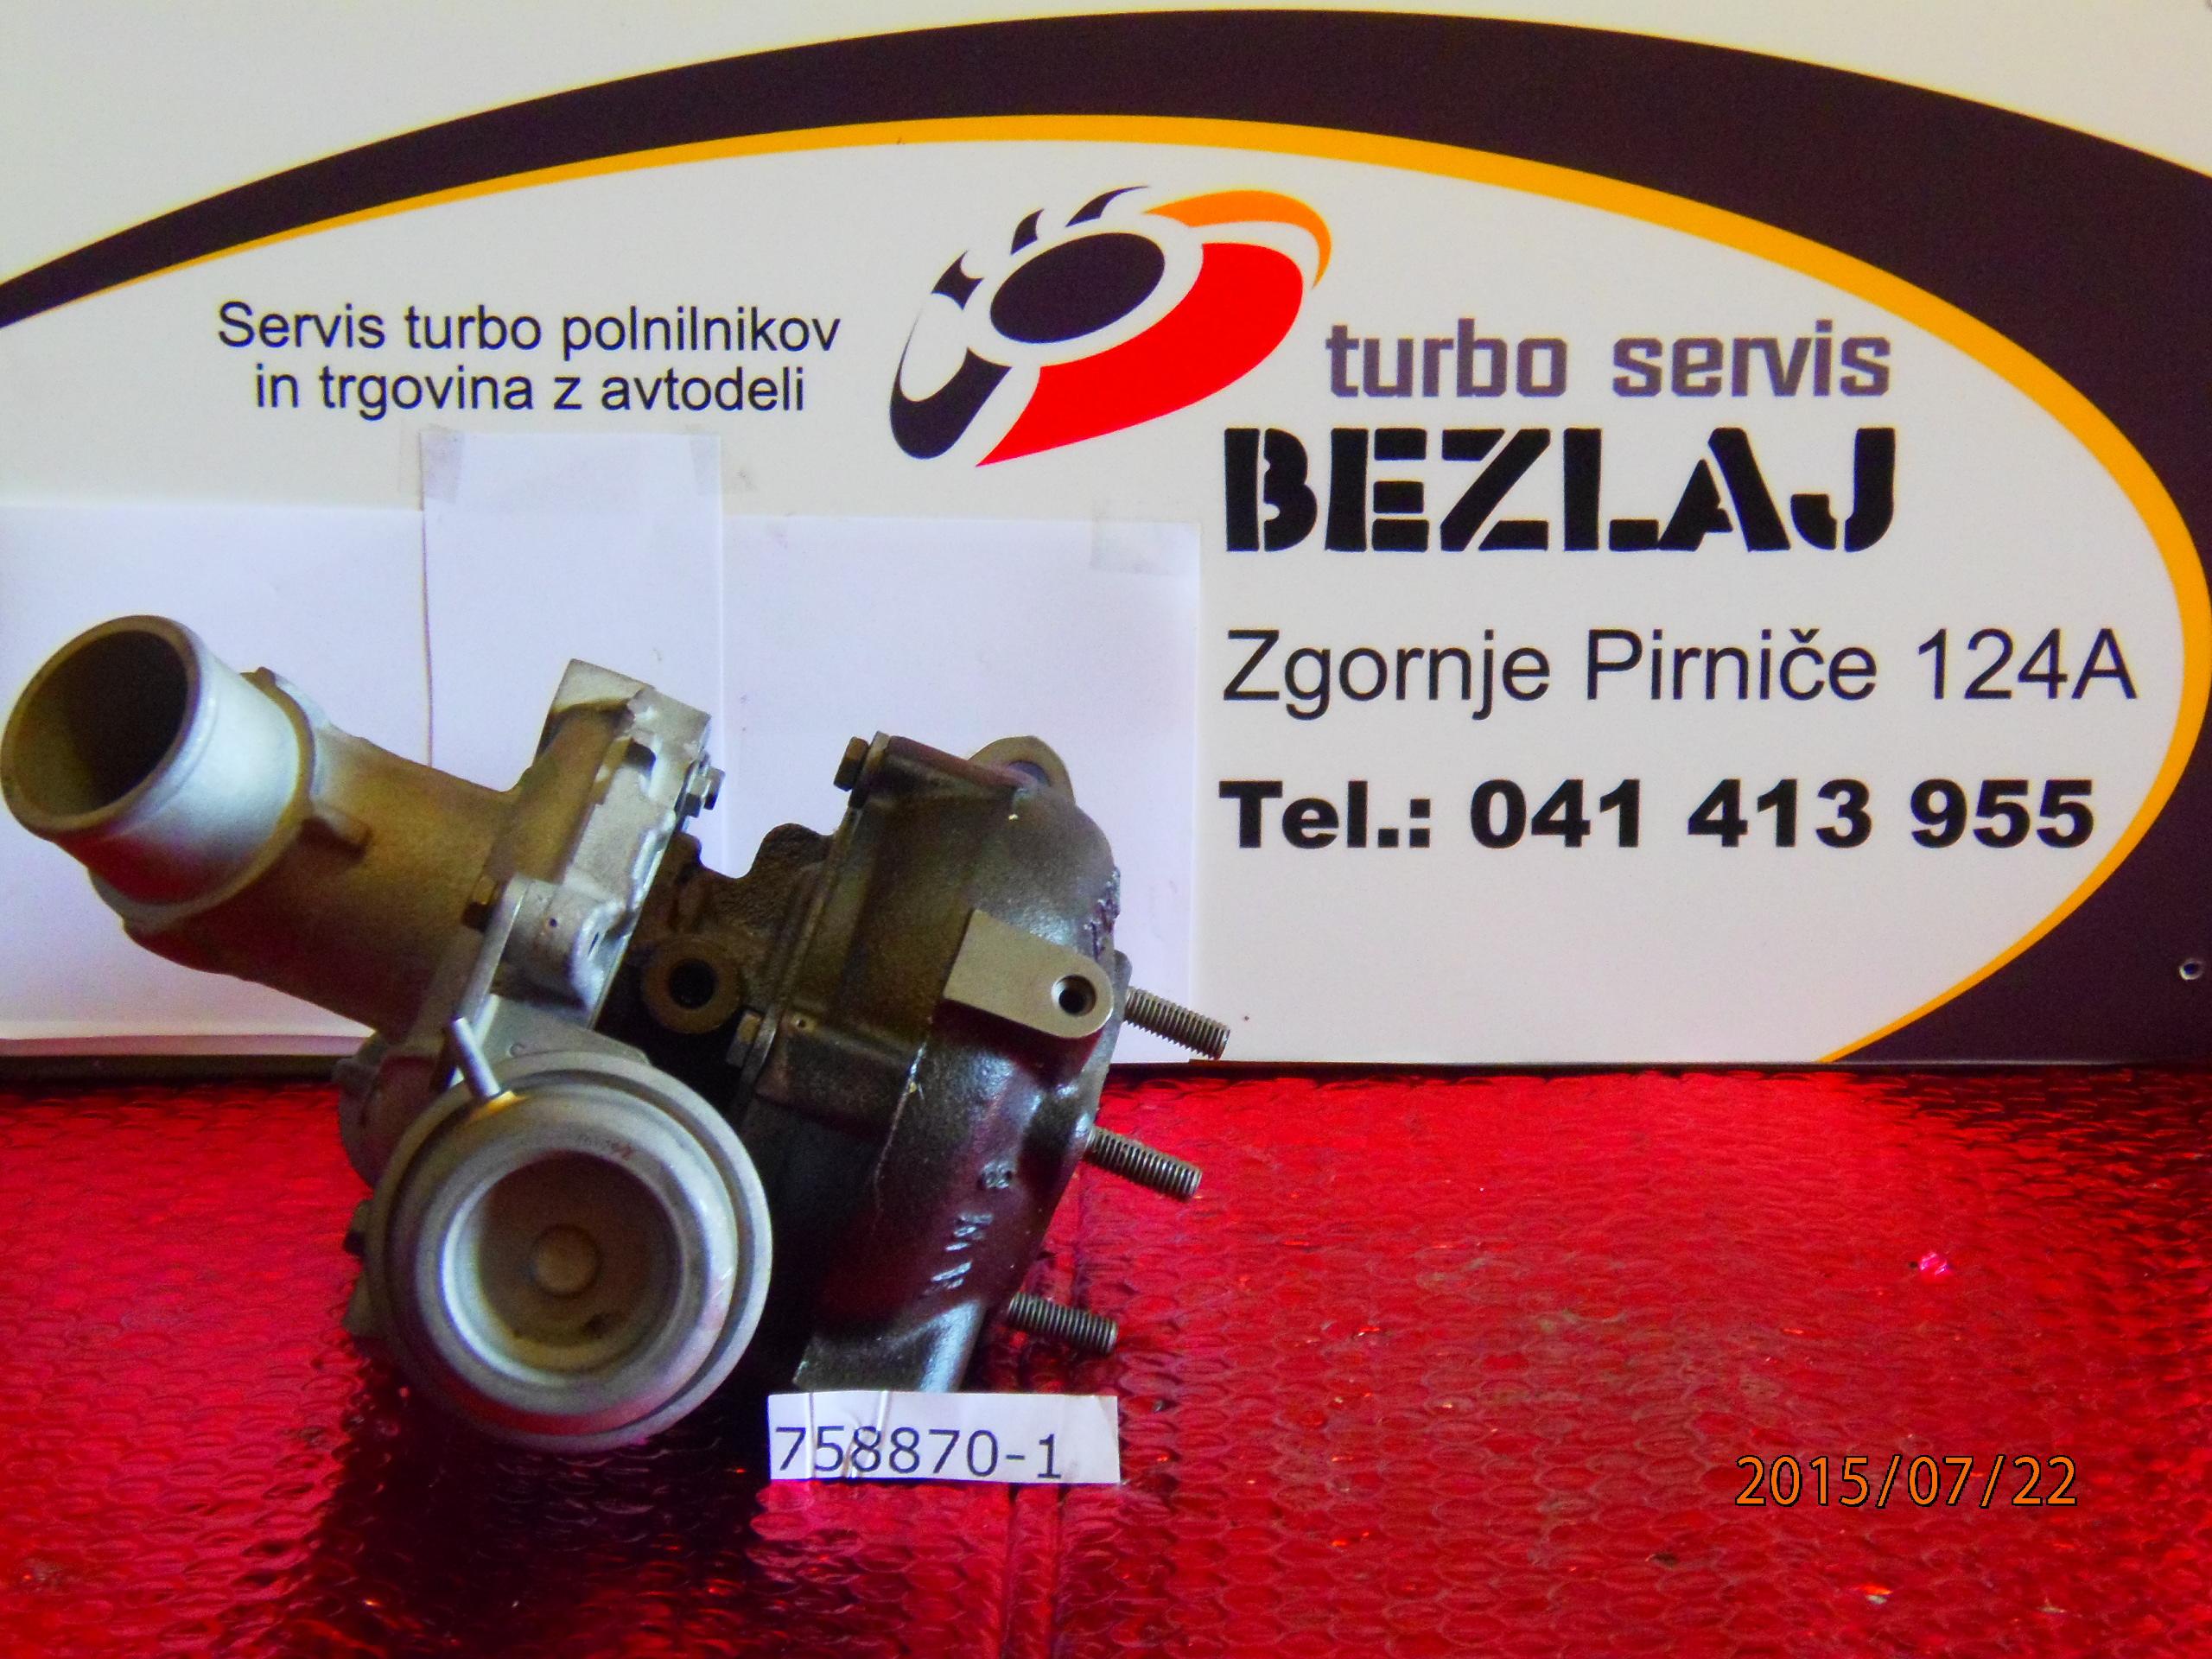 turbo758870-1 (2)